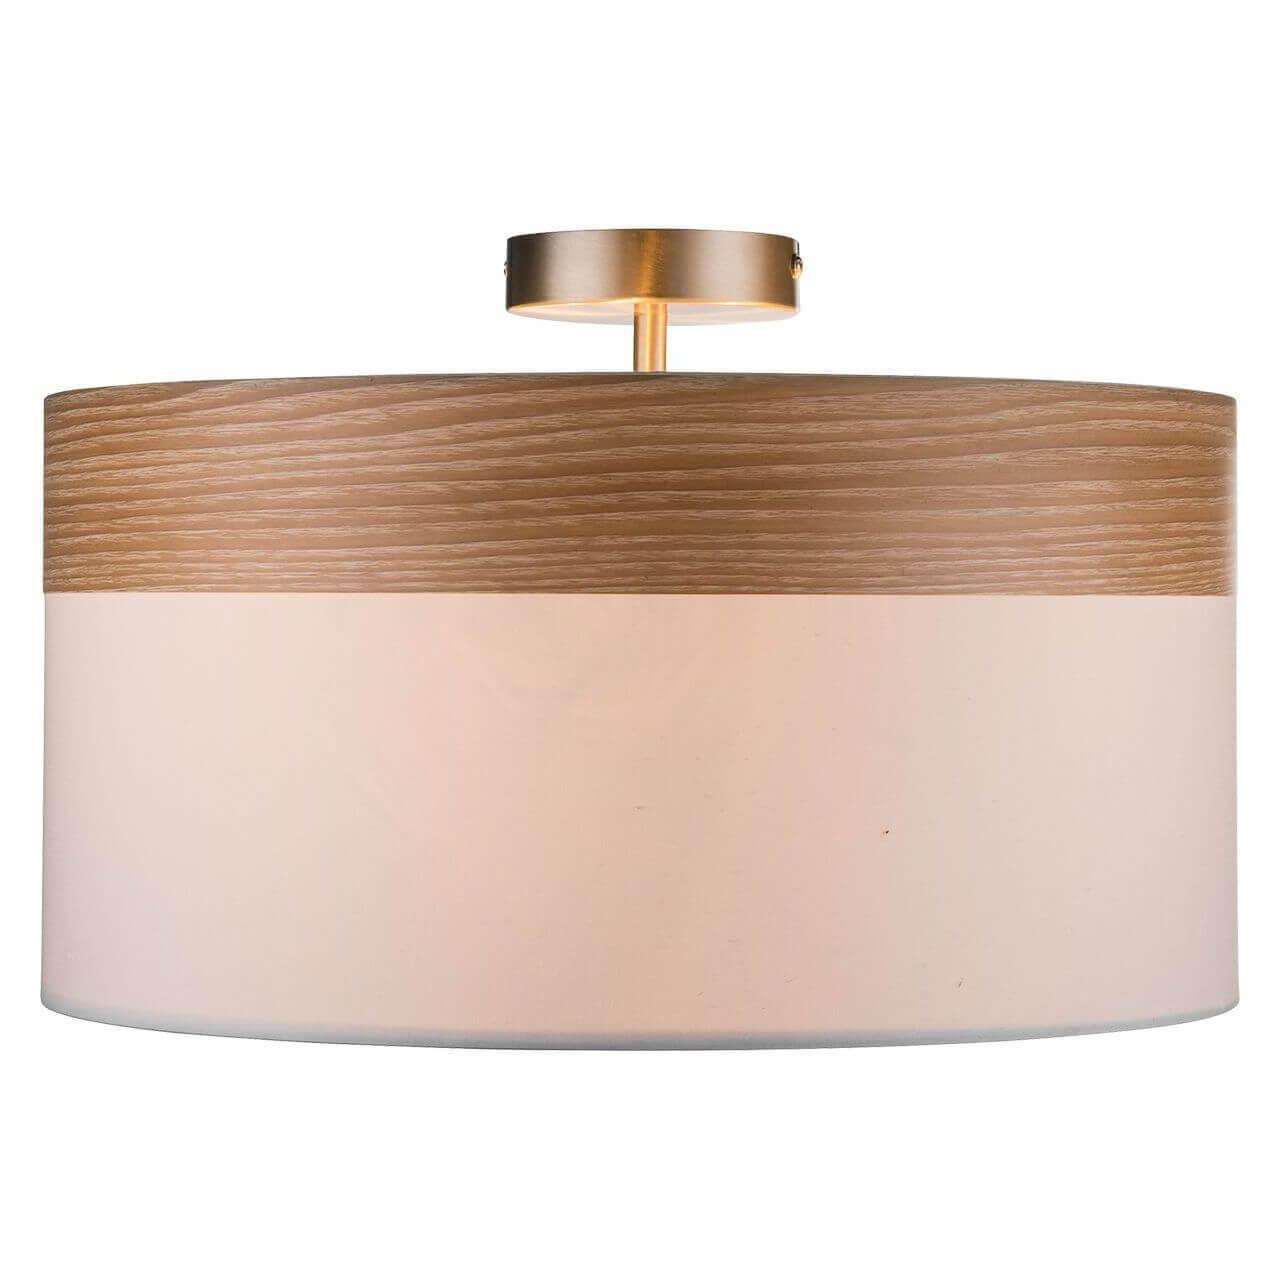 все цены на Потолочный светильник Globo Chipsy 15221D онлайн